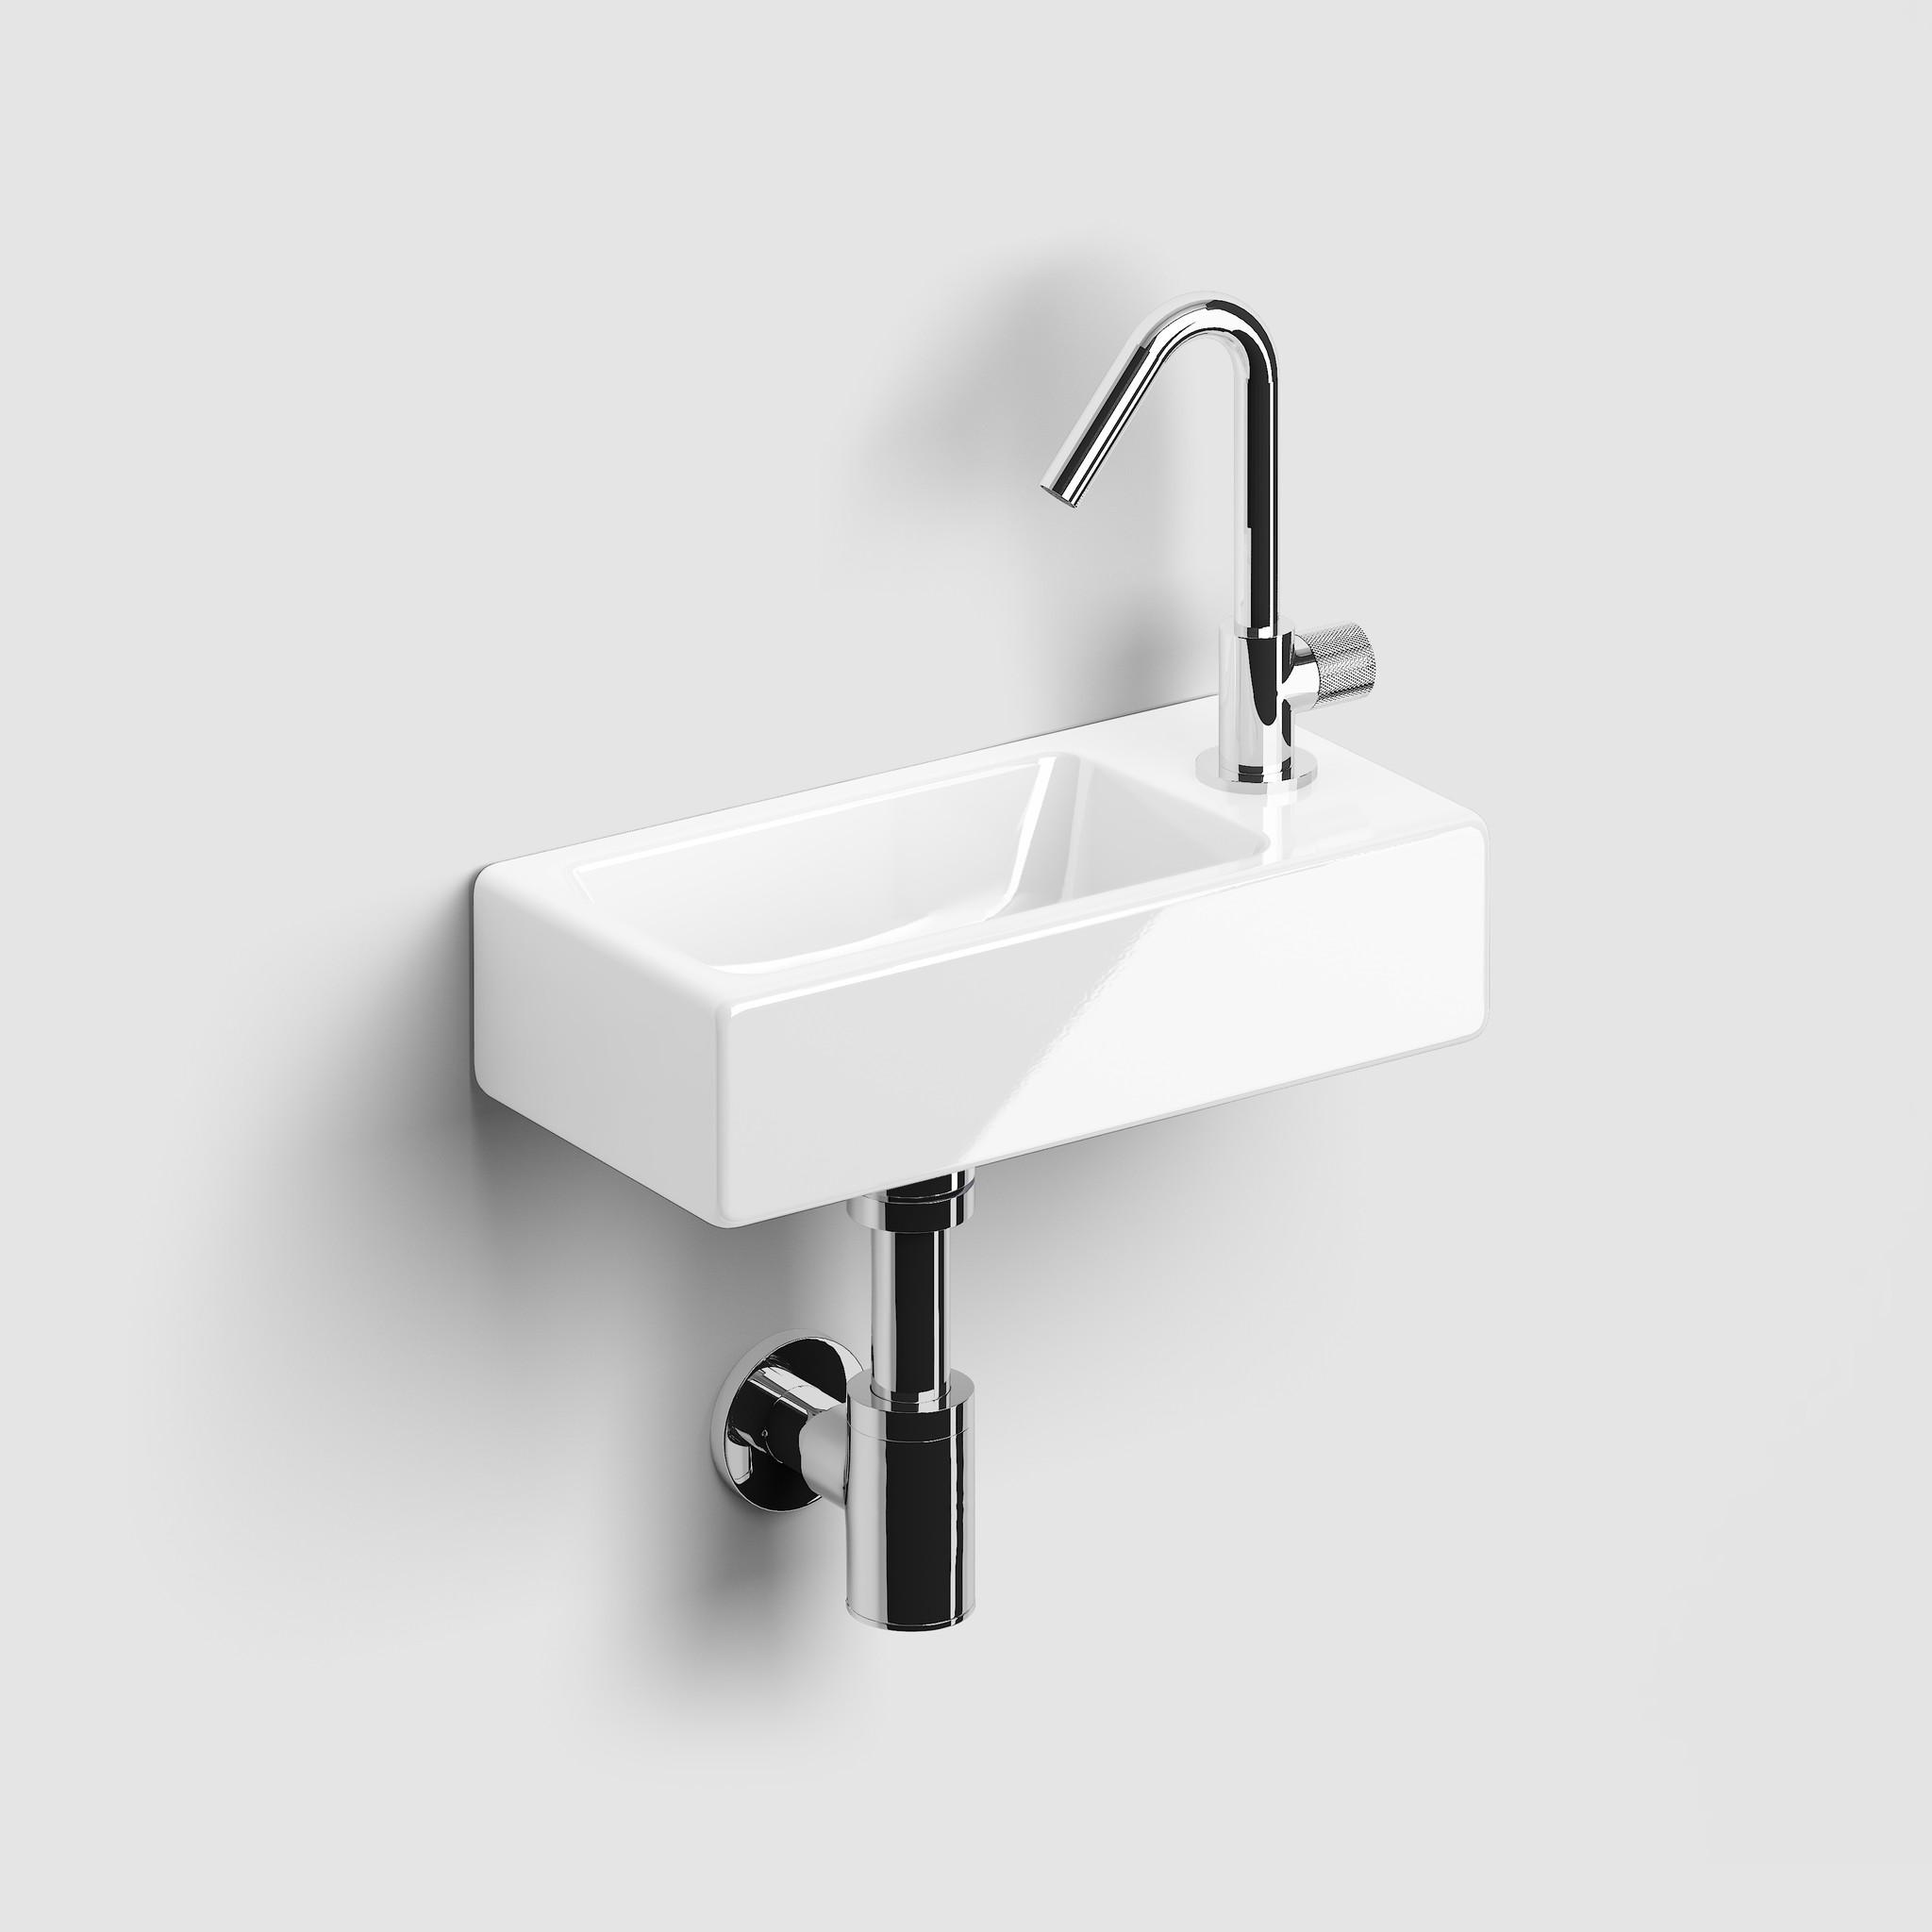 InBe handbasin set 3